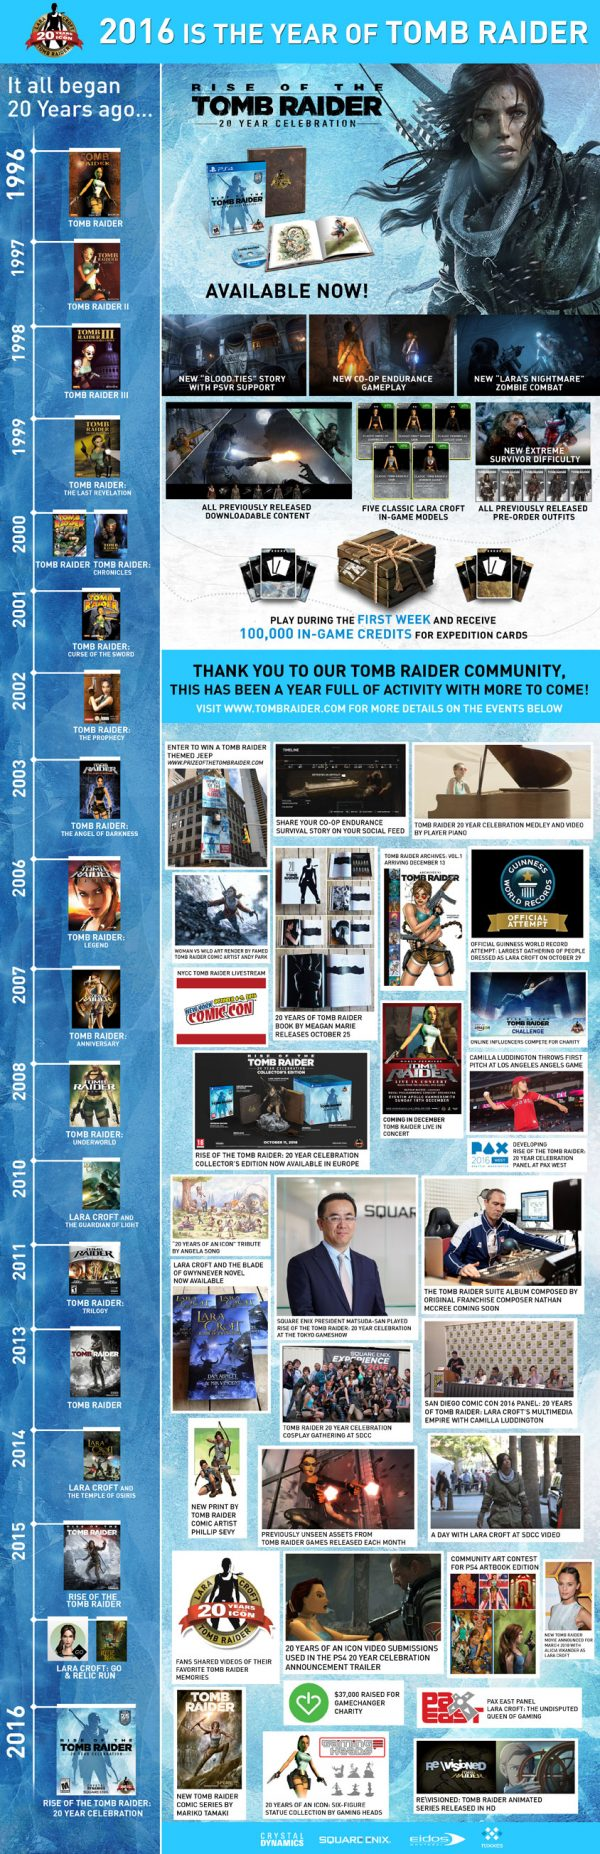 Infografía 20 Años de Tomb Raider